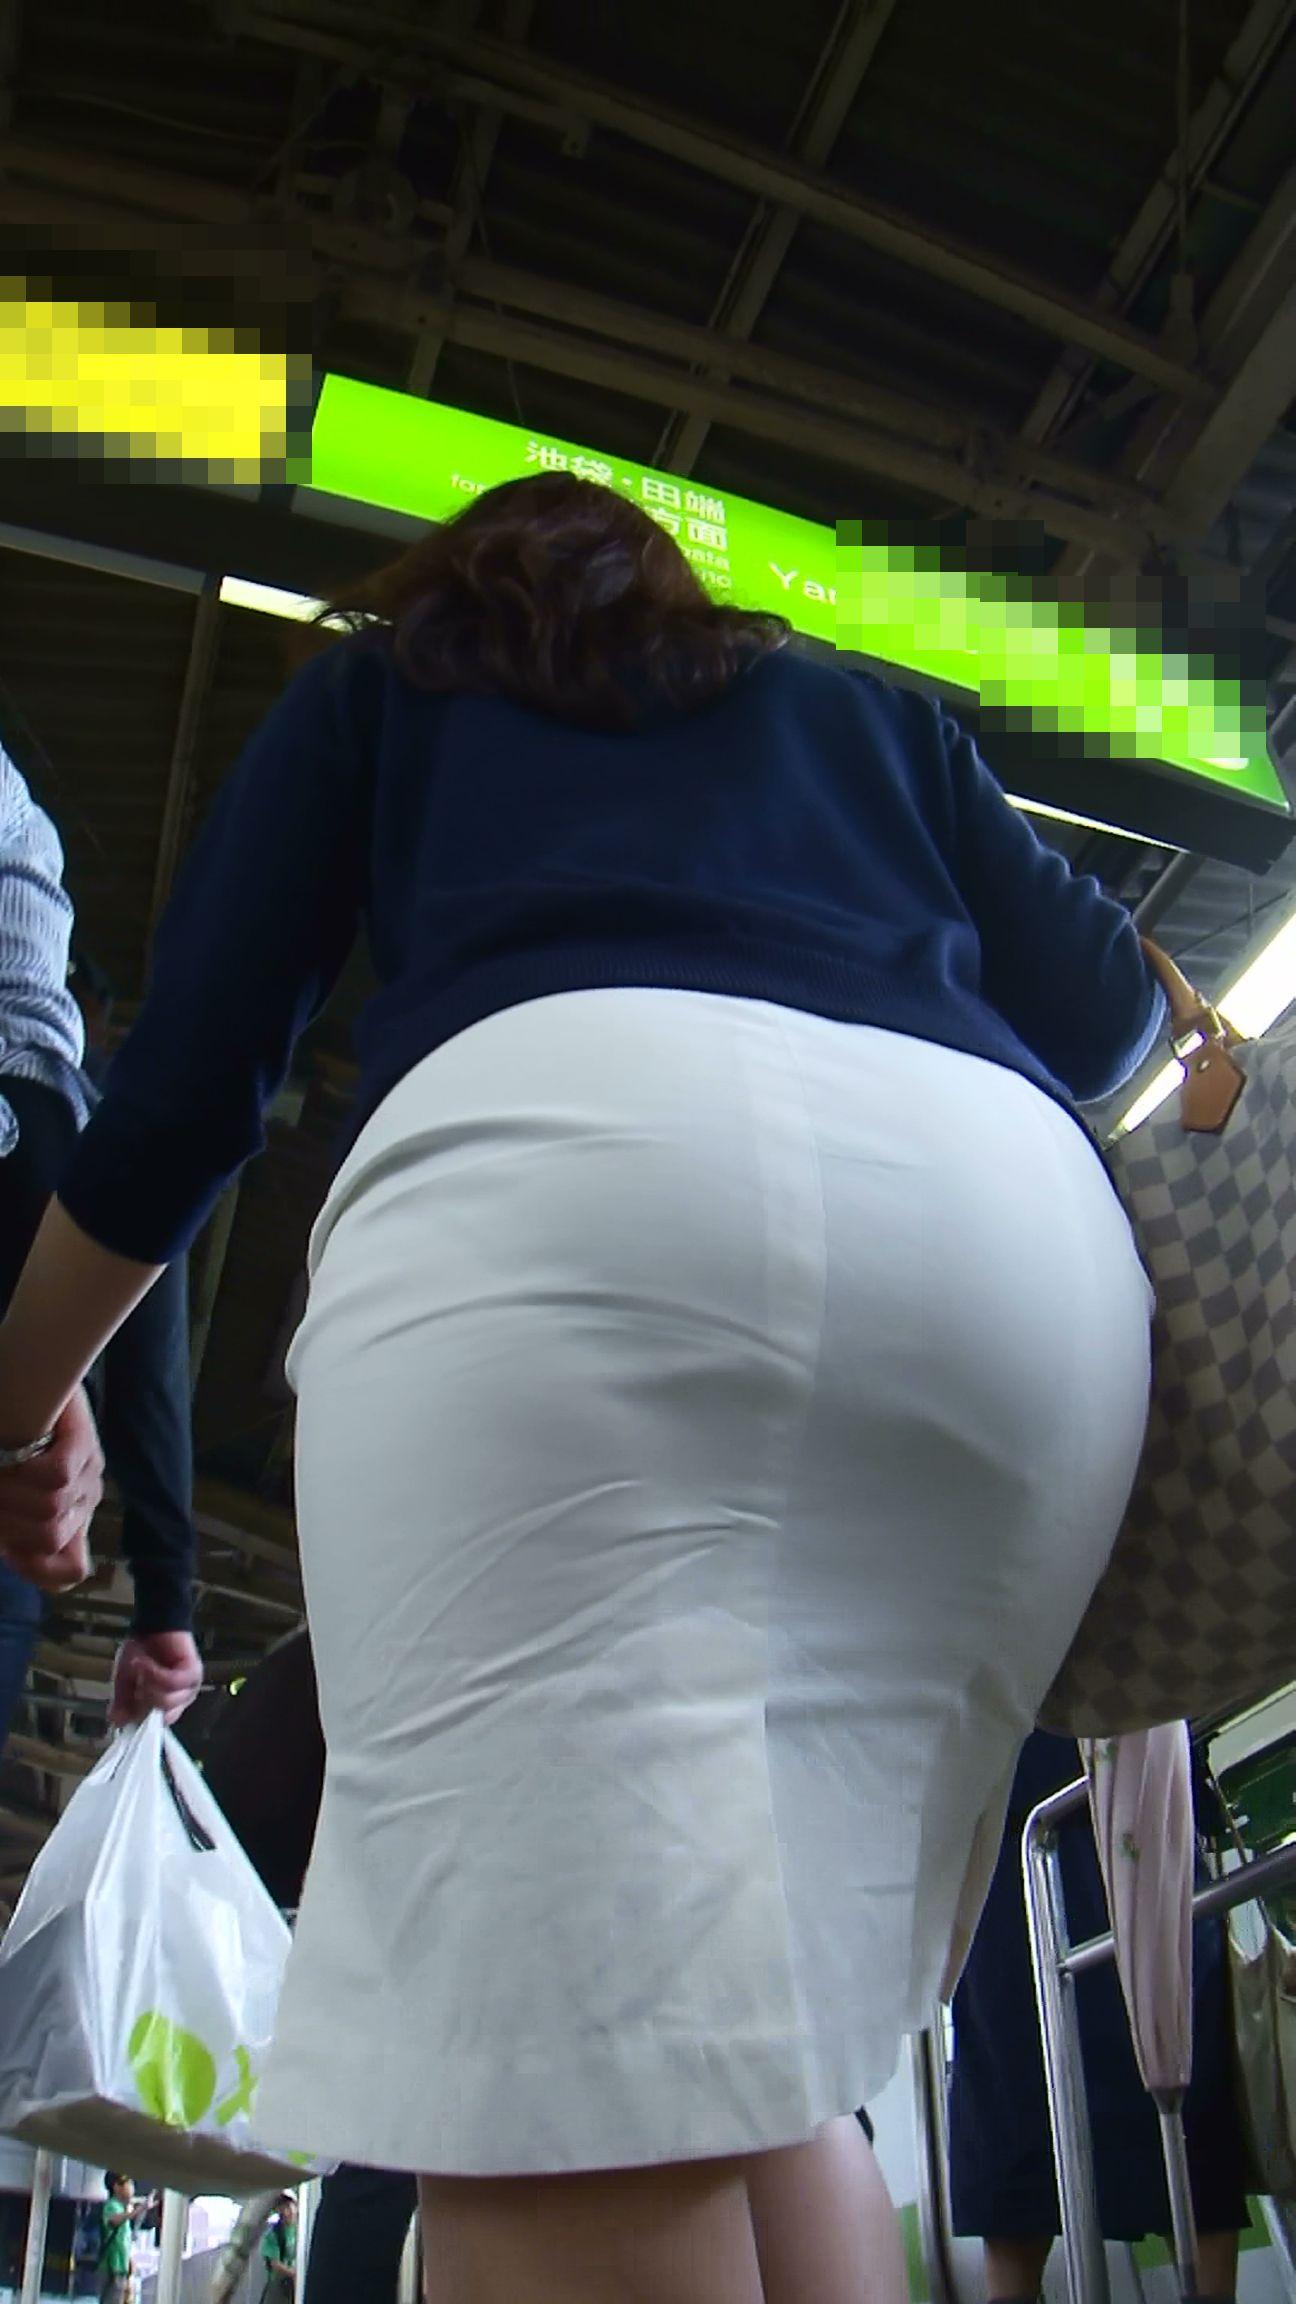 【街撮り画像】OL風お姉さんのムチムチタイトスカートとパンティーラインを追跡! 03